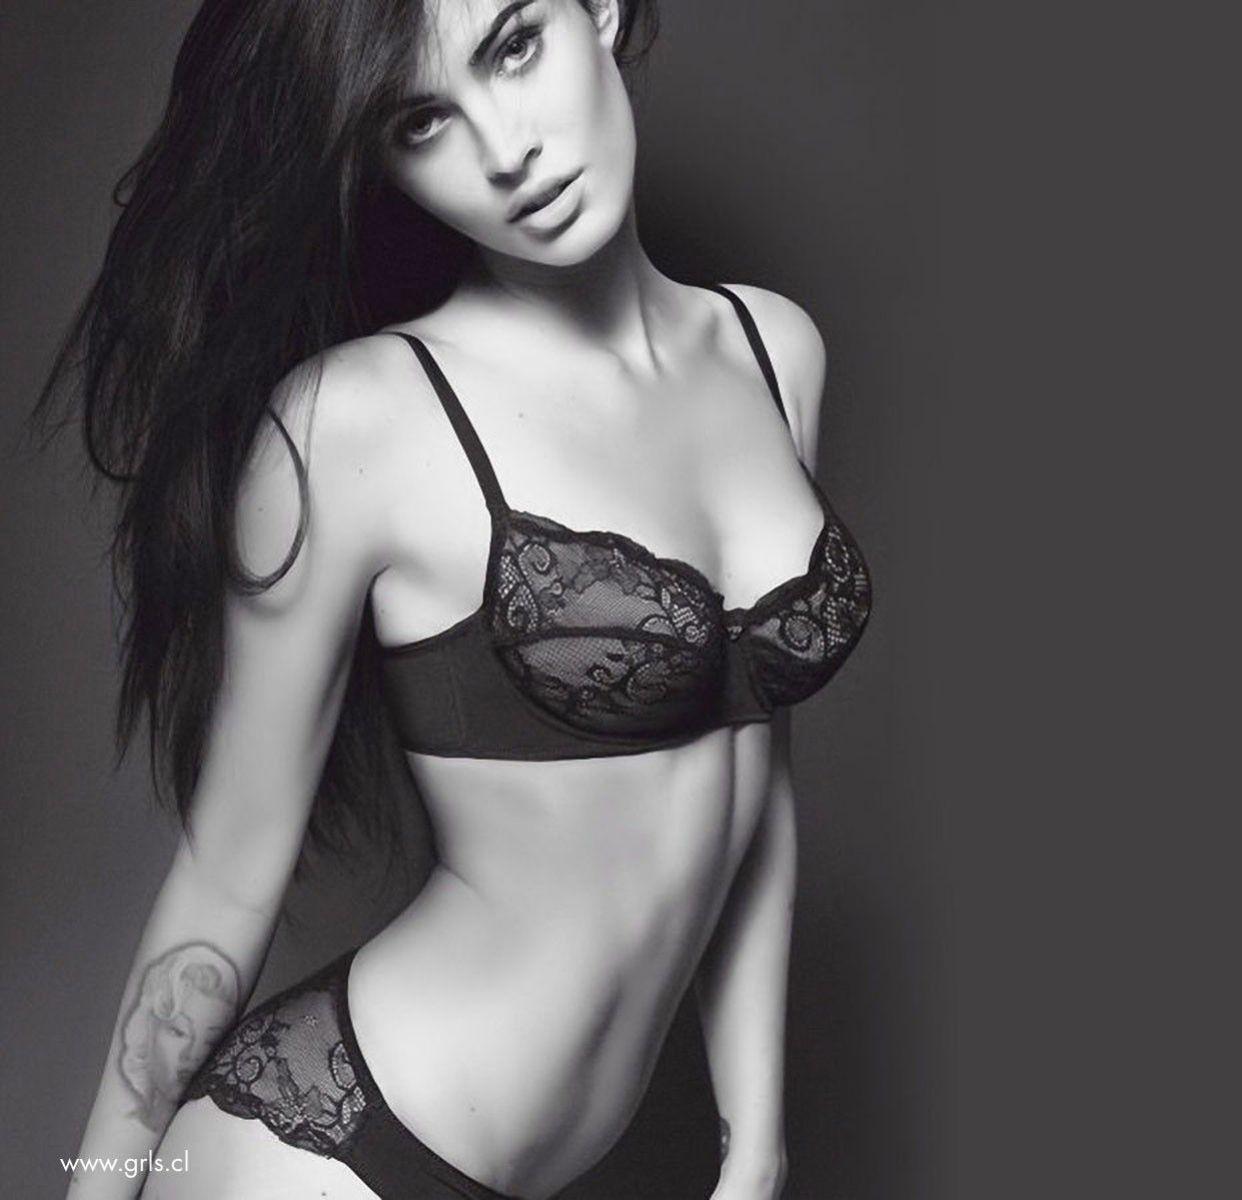 Страсть и обожание кендо меган кокс жасмин веб 7 фотография